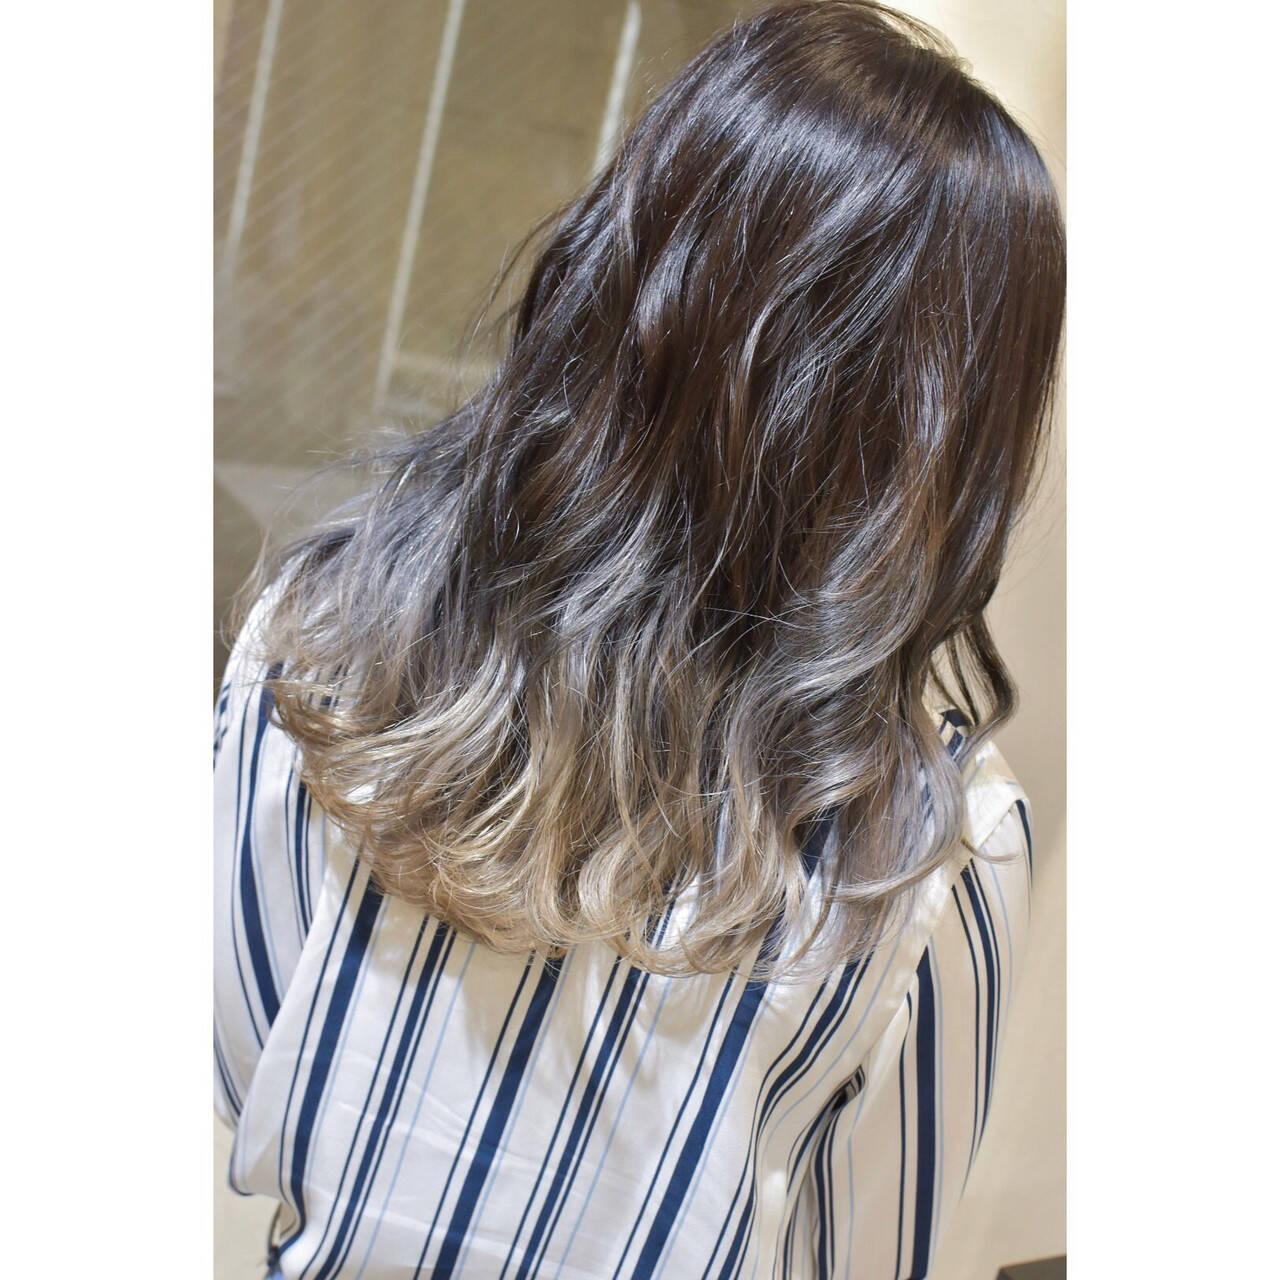 グラデーション グラデーションカラー セミロング ホワイトベージュヘアスタイルや髪型の写真・画像